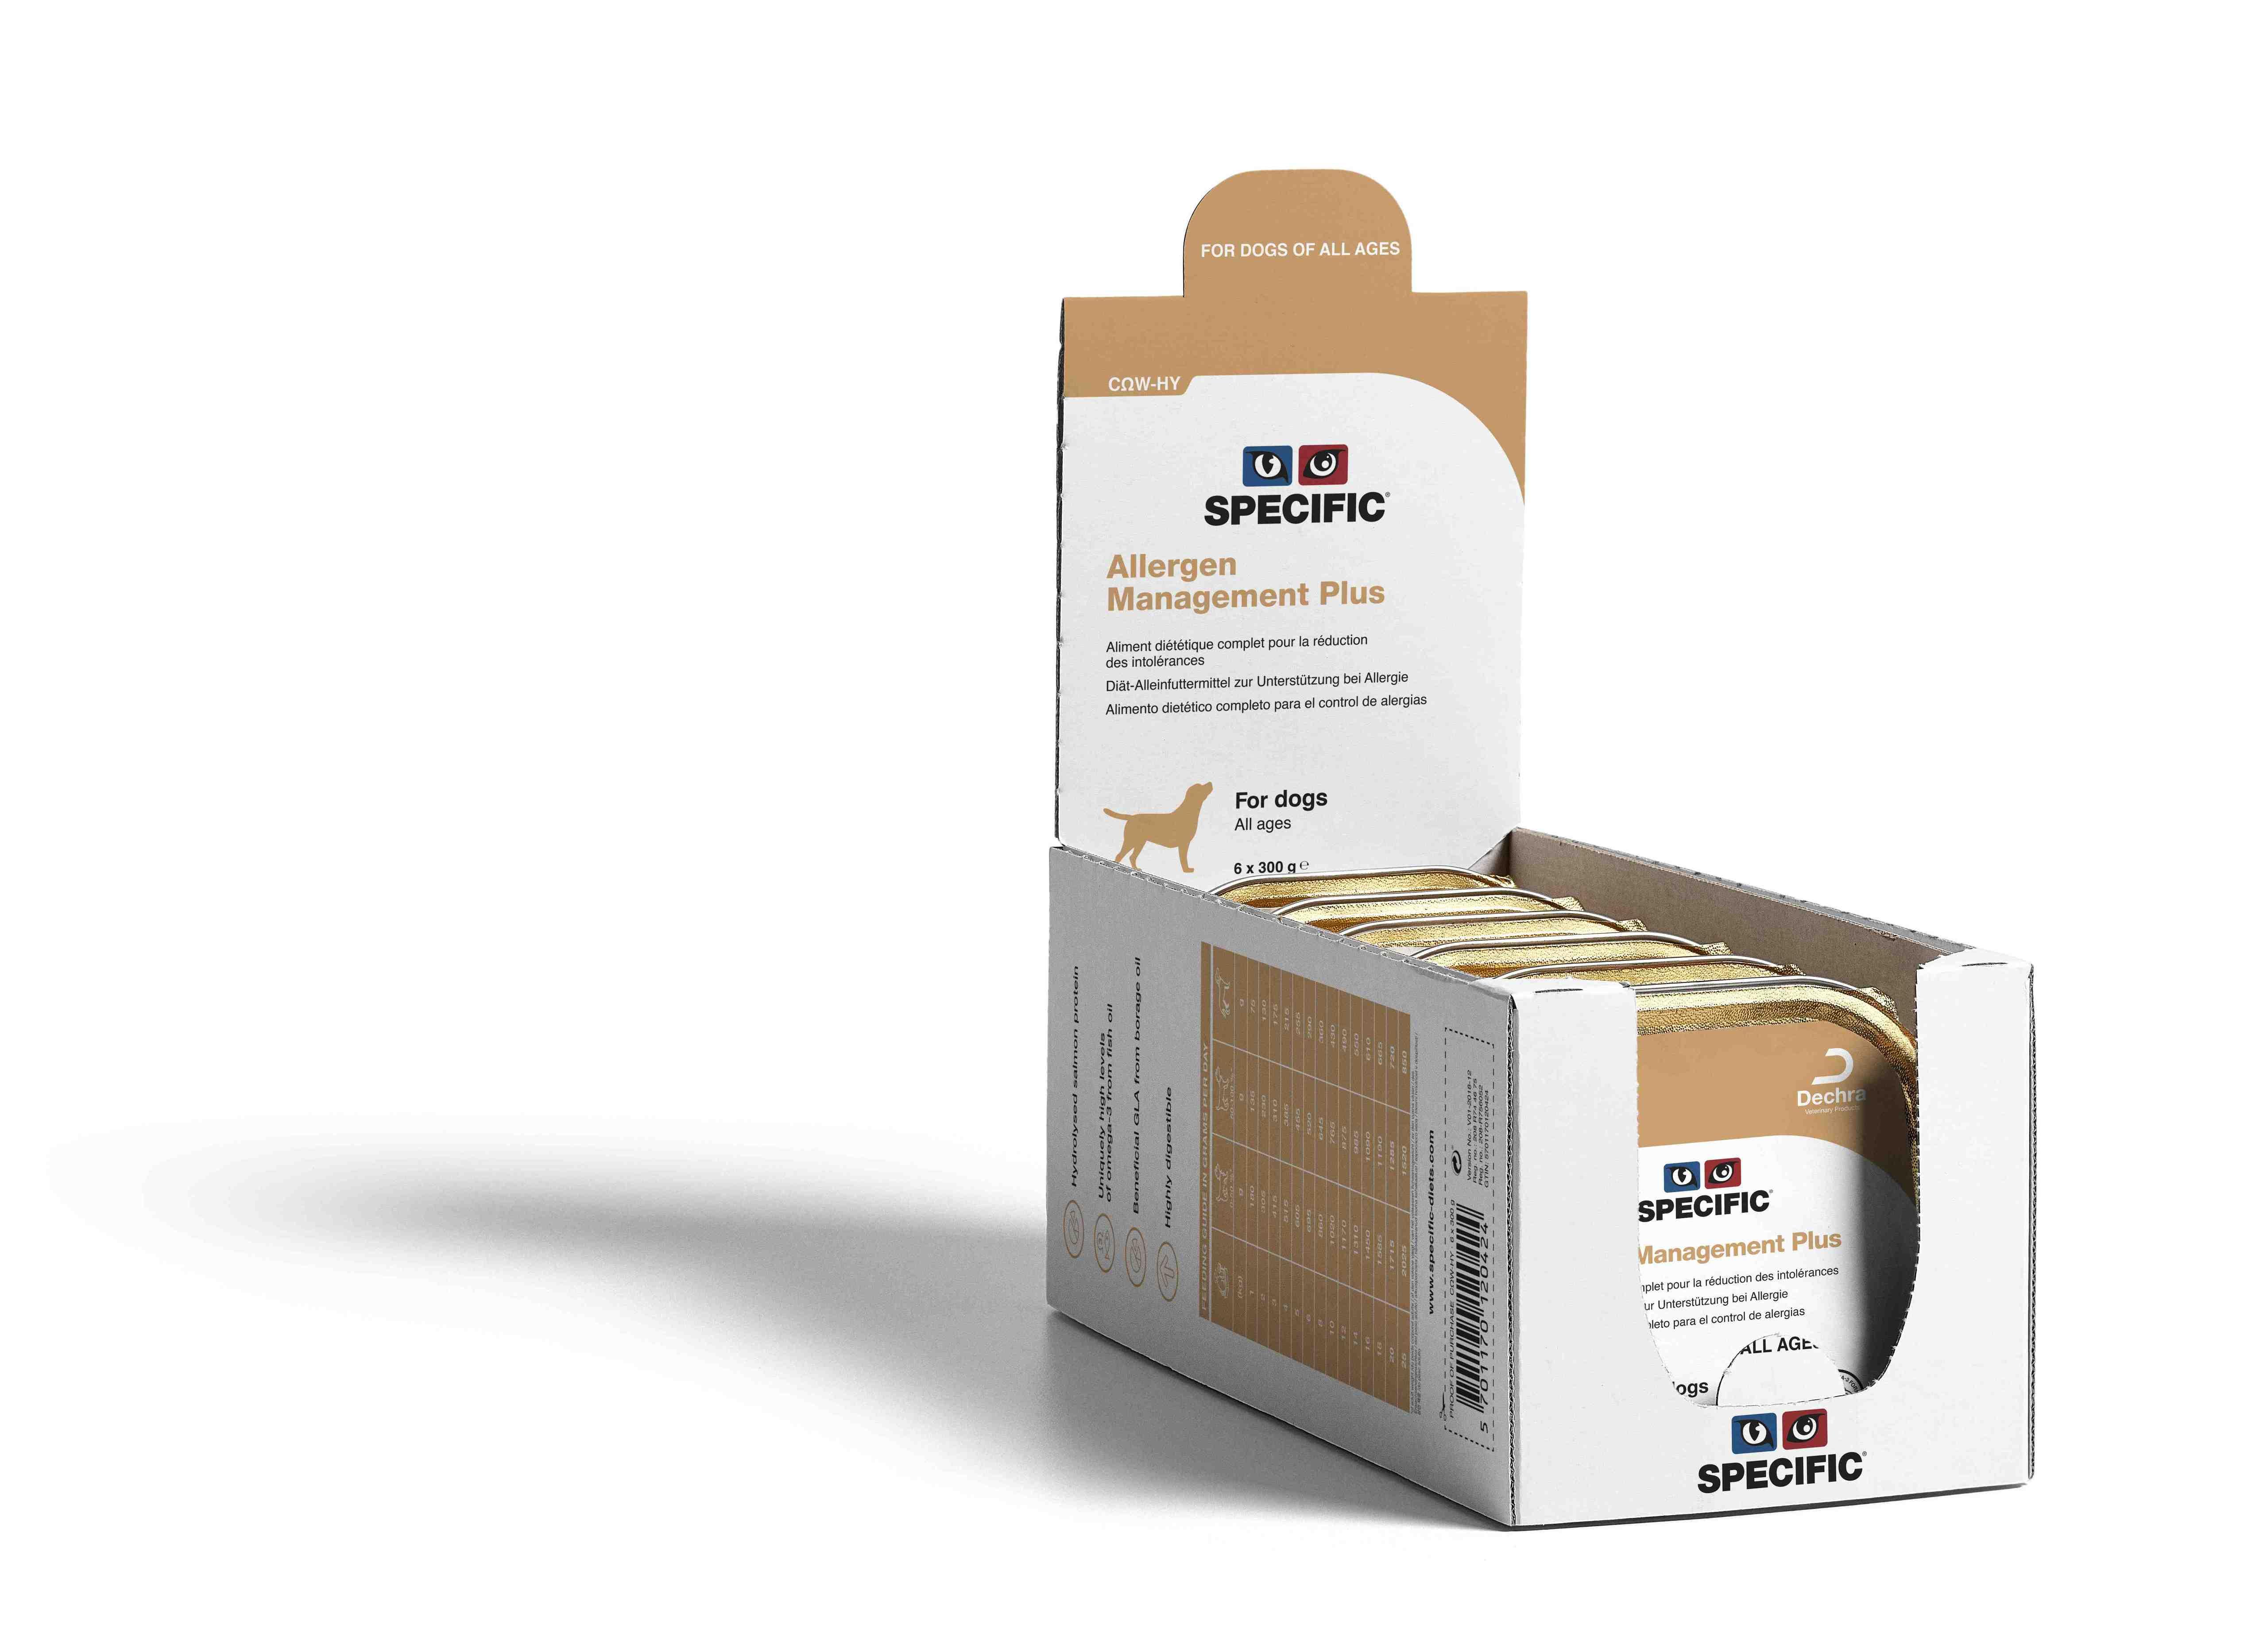 Allergen Management Plus COW-HY - 6x300g